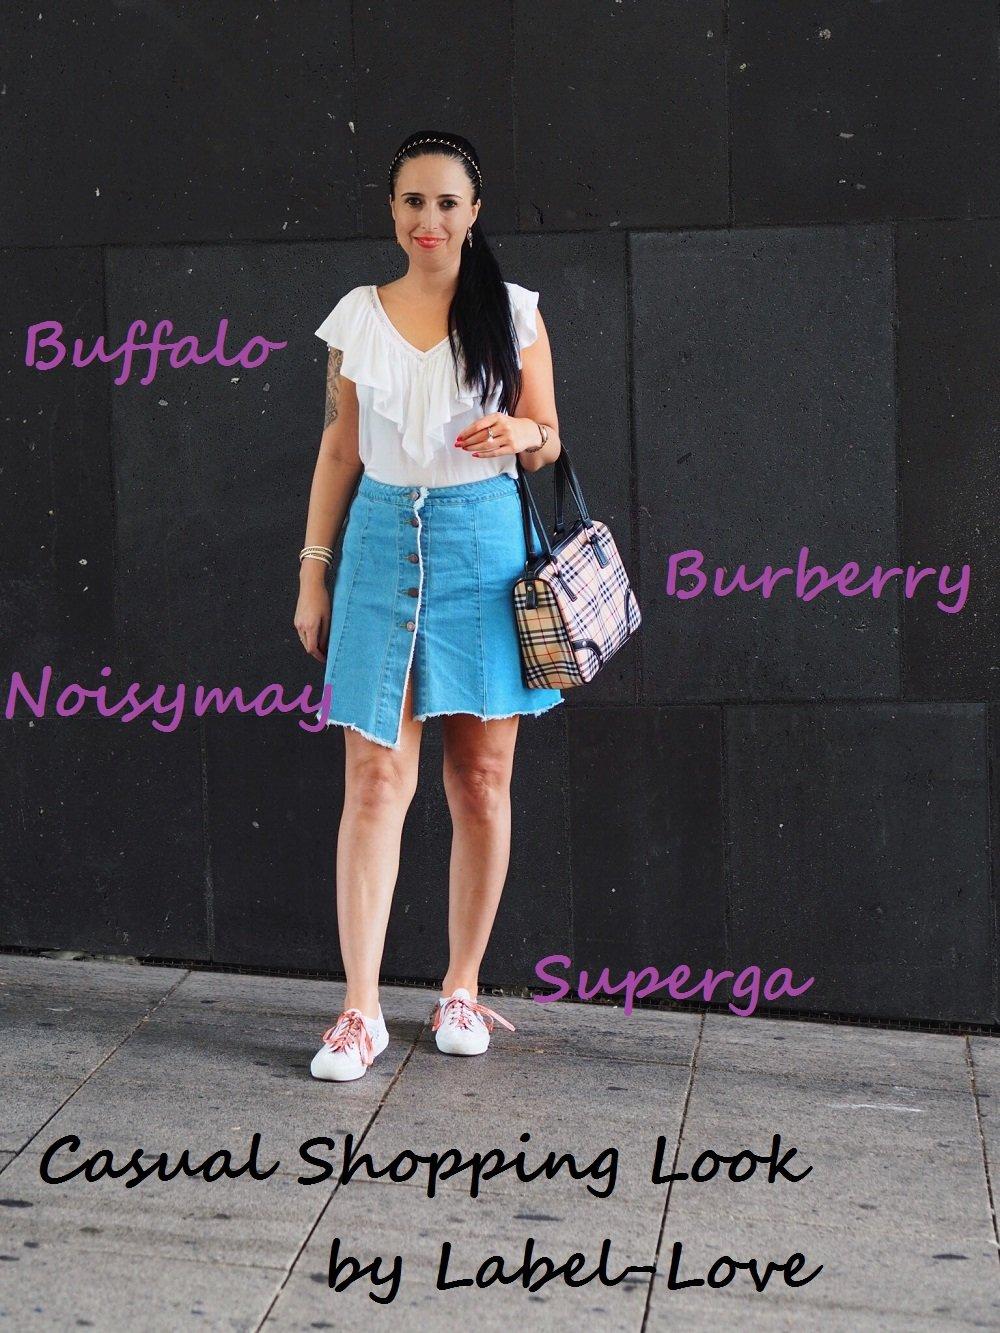 Heute zeige ich euch auf dem Blog ein Casual Shopping Look mit Noisymay Jeansrock, Buffalo Rüschenshirt, Burberry Handtasche und niedlichen Superga Sneakern